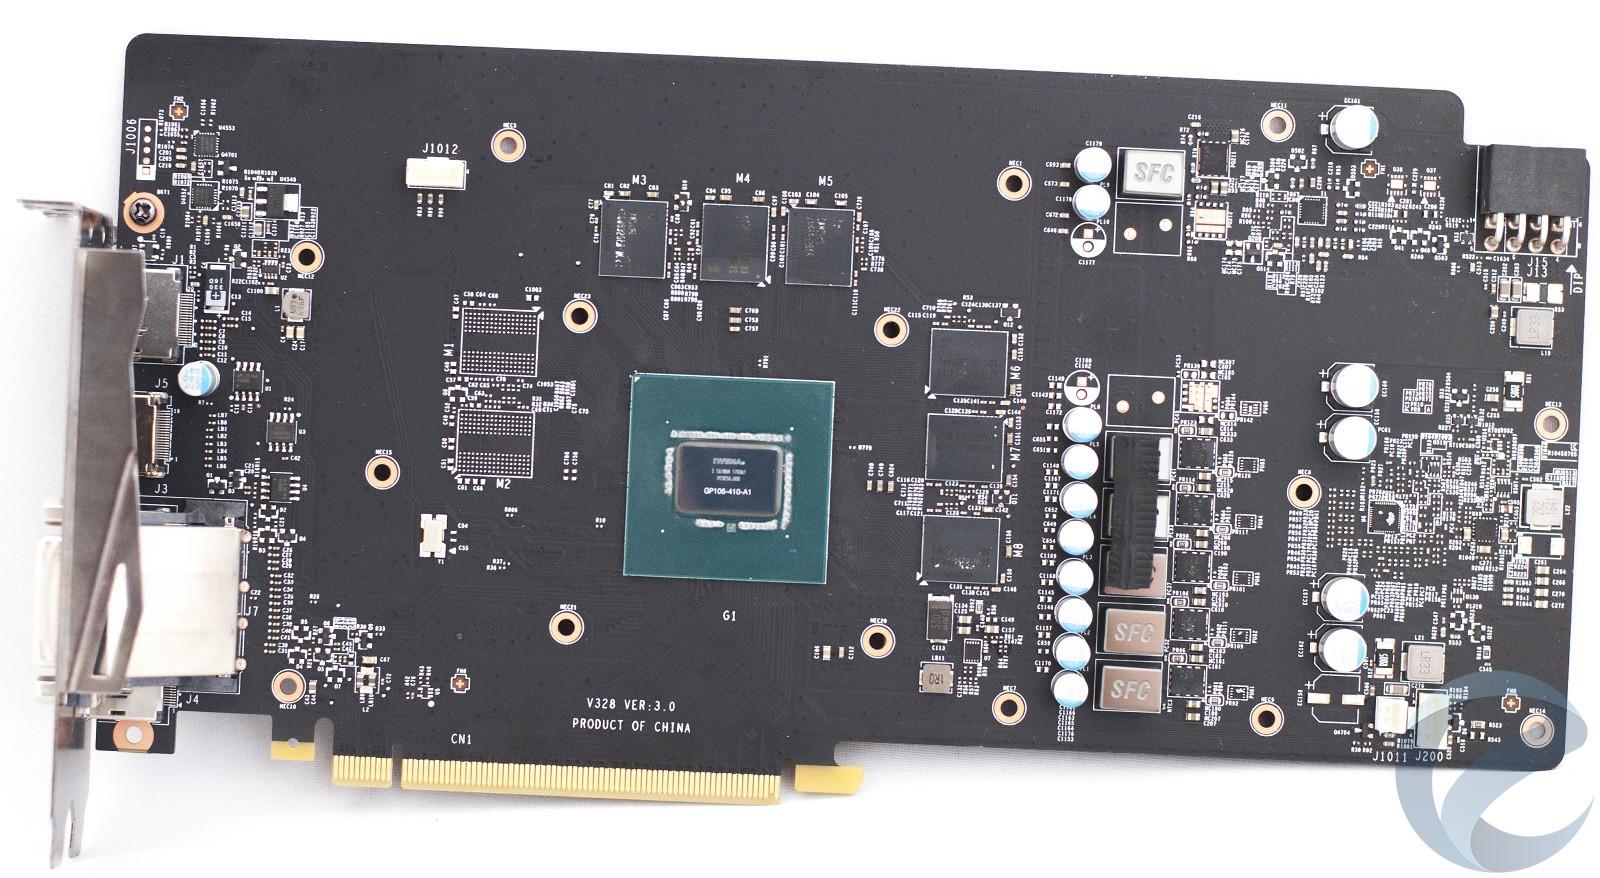 Обзор и тестирование видеокарты MSI GeForce GTX 1060 GAMING